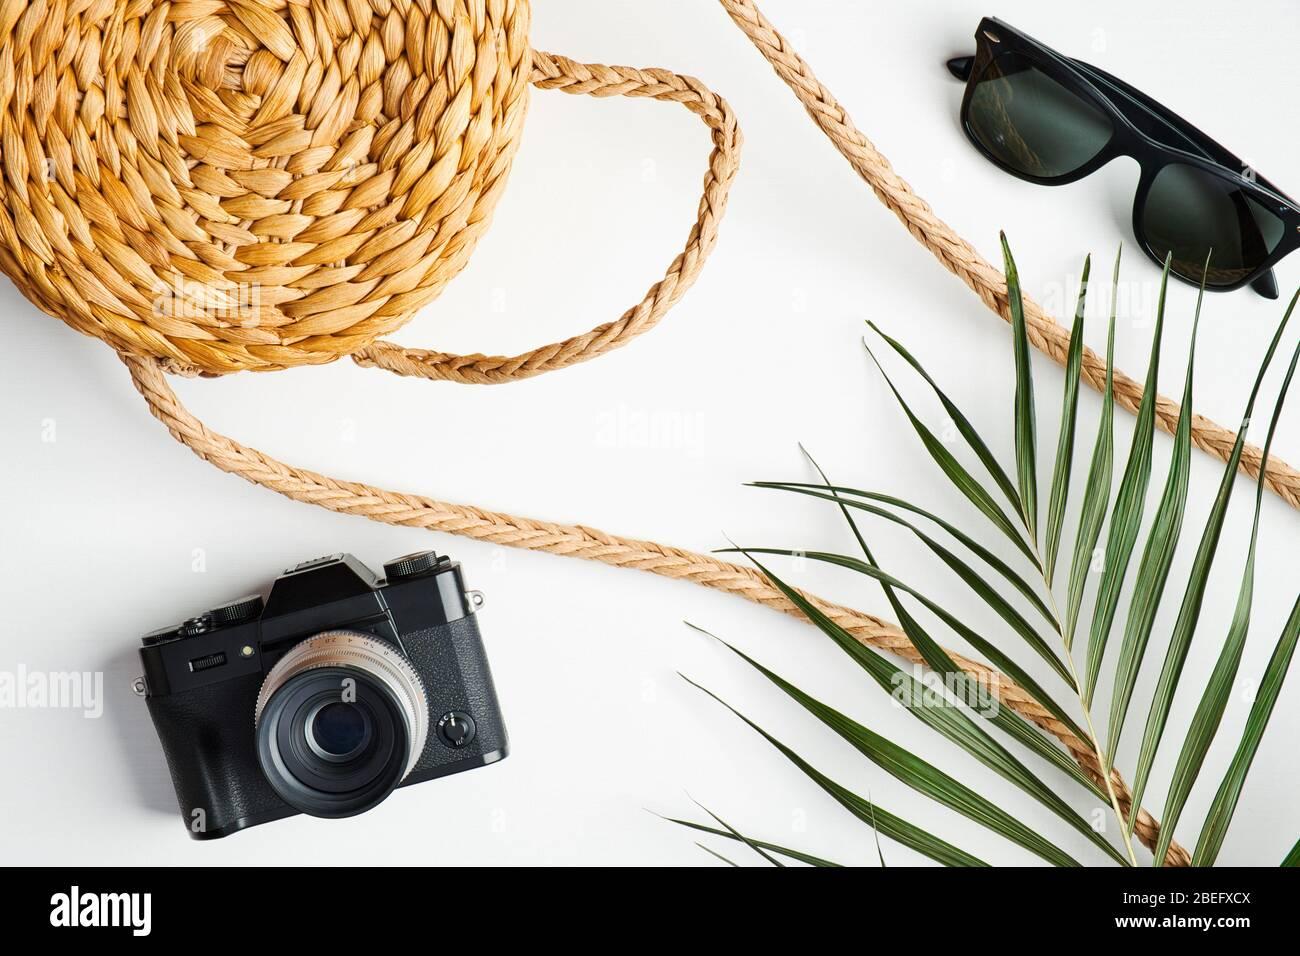 Ropa femenina de moda de verano con bolso de ratán, cámara de época, gafas de sol, hoja de palma tropical sobre mesa blanca. Concepto de viaje, vacaciones, vacaciones. FL Foto de stock